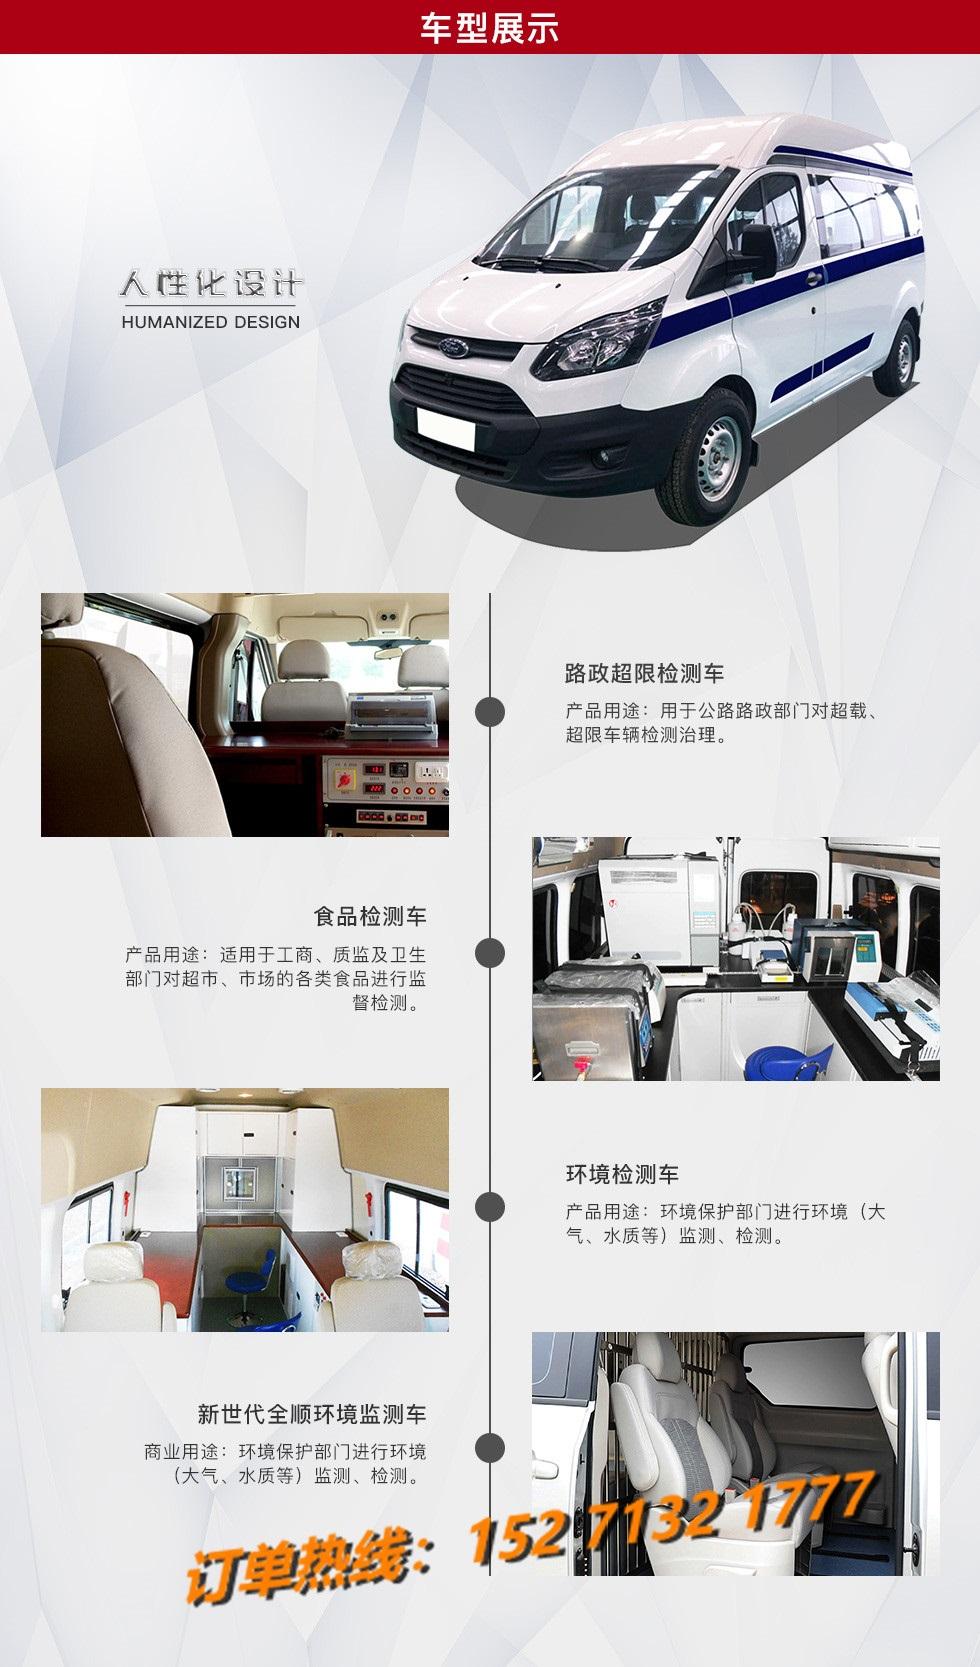 福特V362多功能检测车销售15271321777 (5)